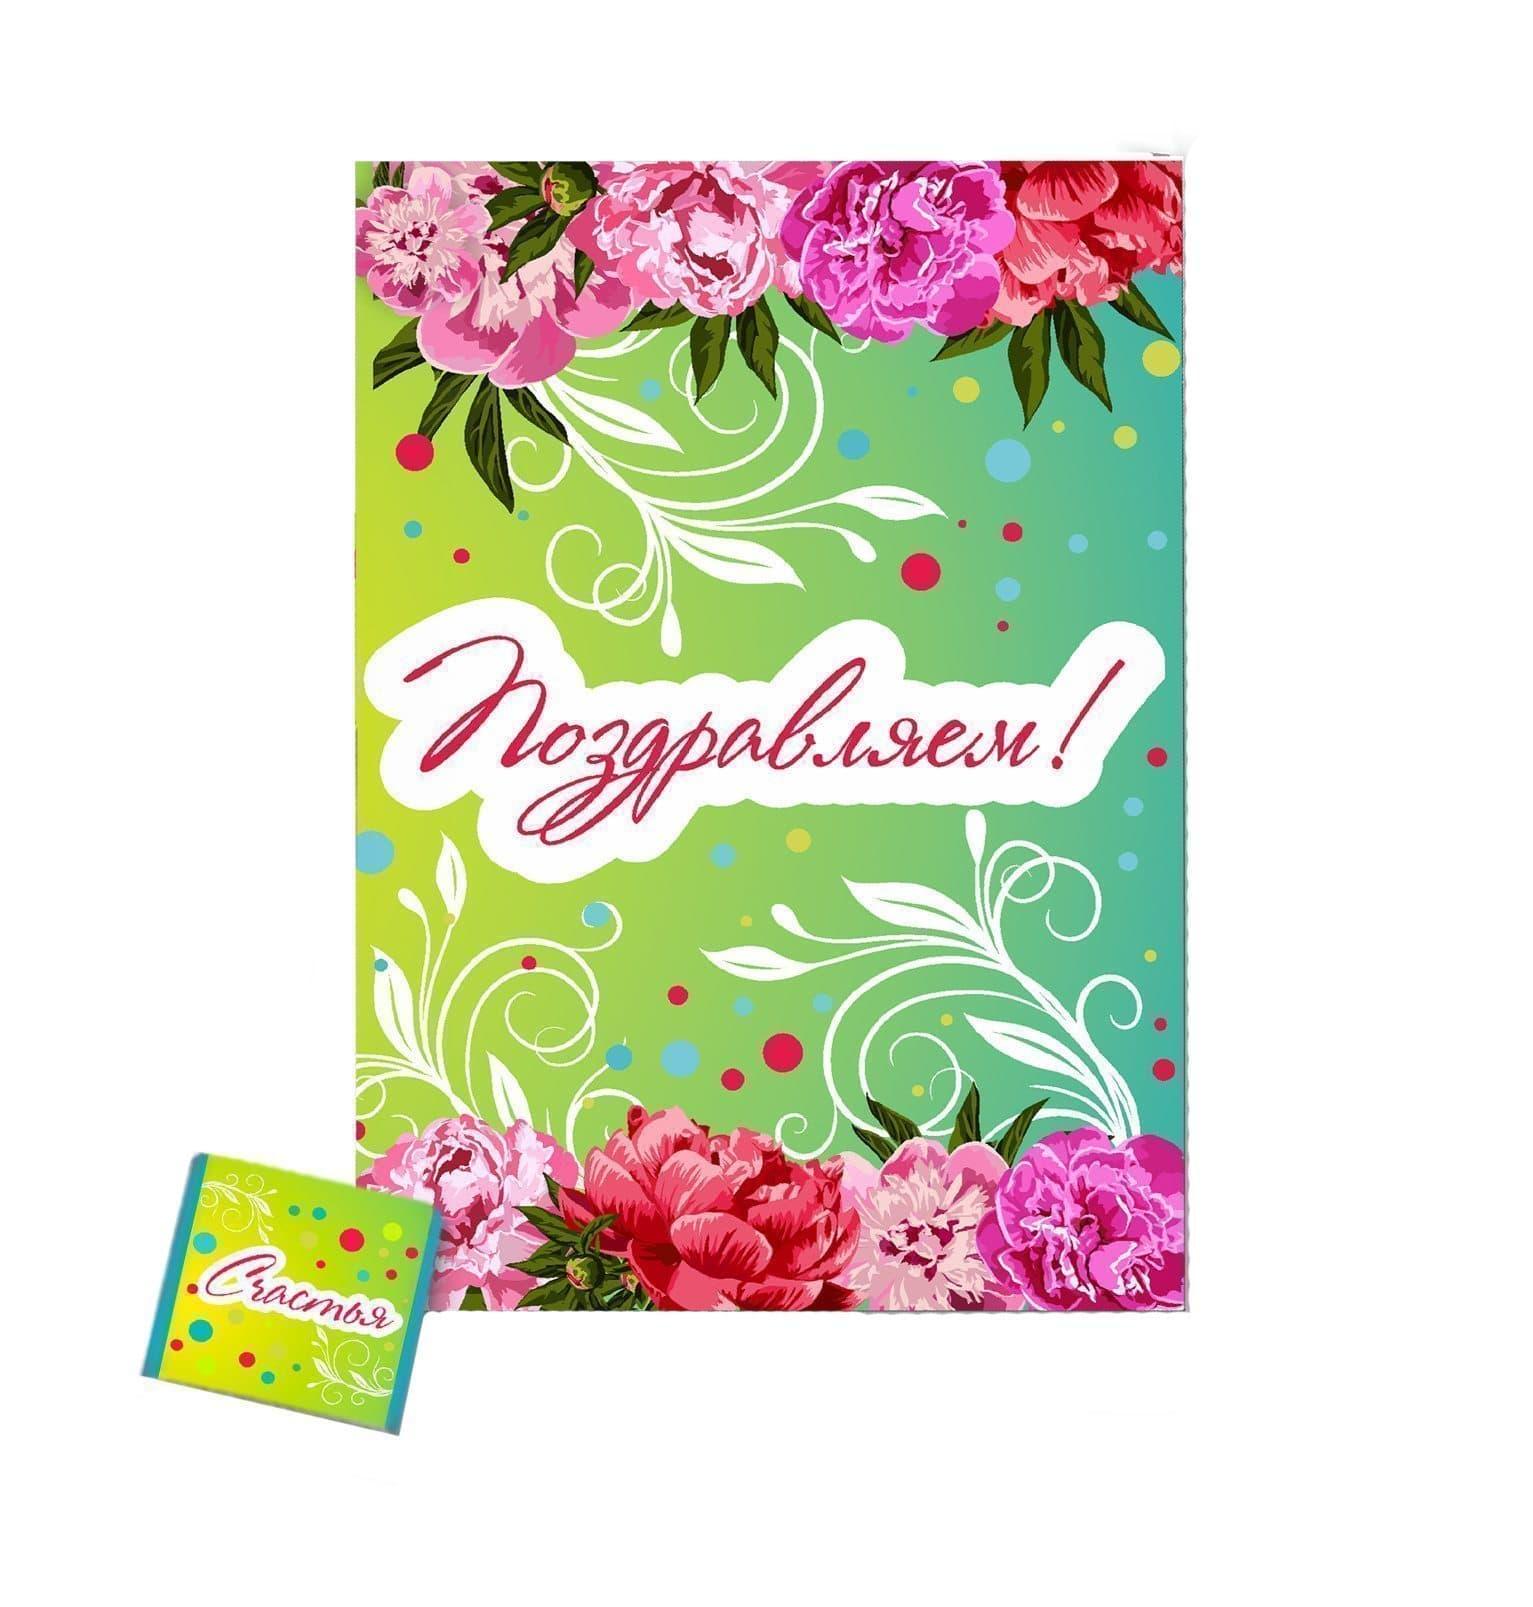 Шоколадная  открытка ПоздравляемОткрытки с шоколадками<br><br>